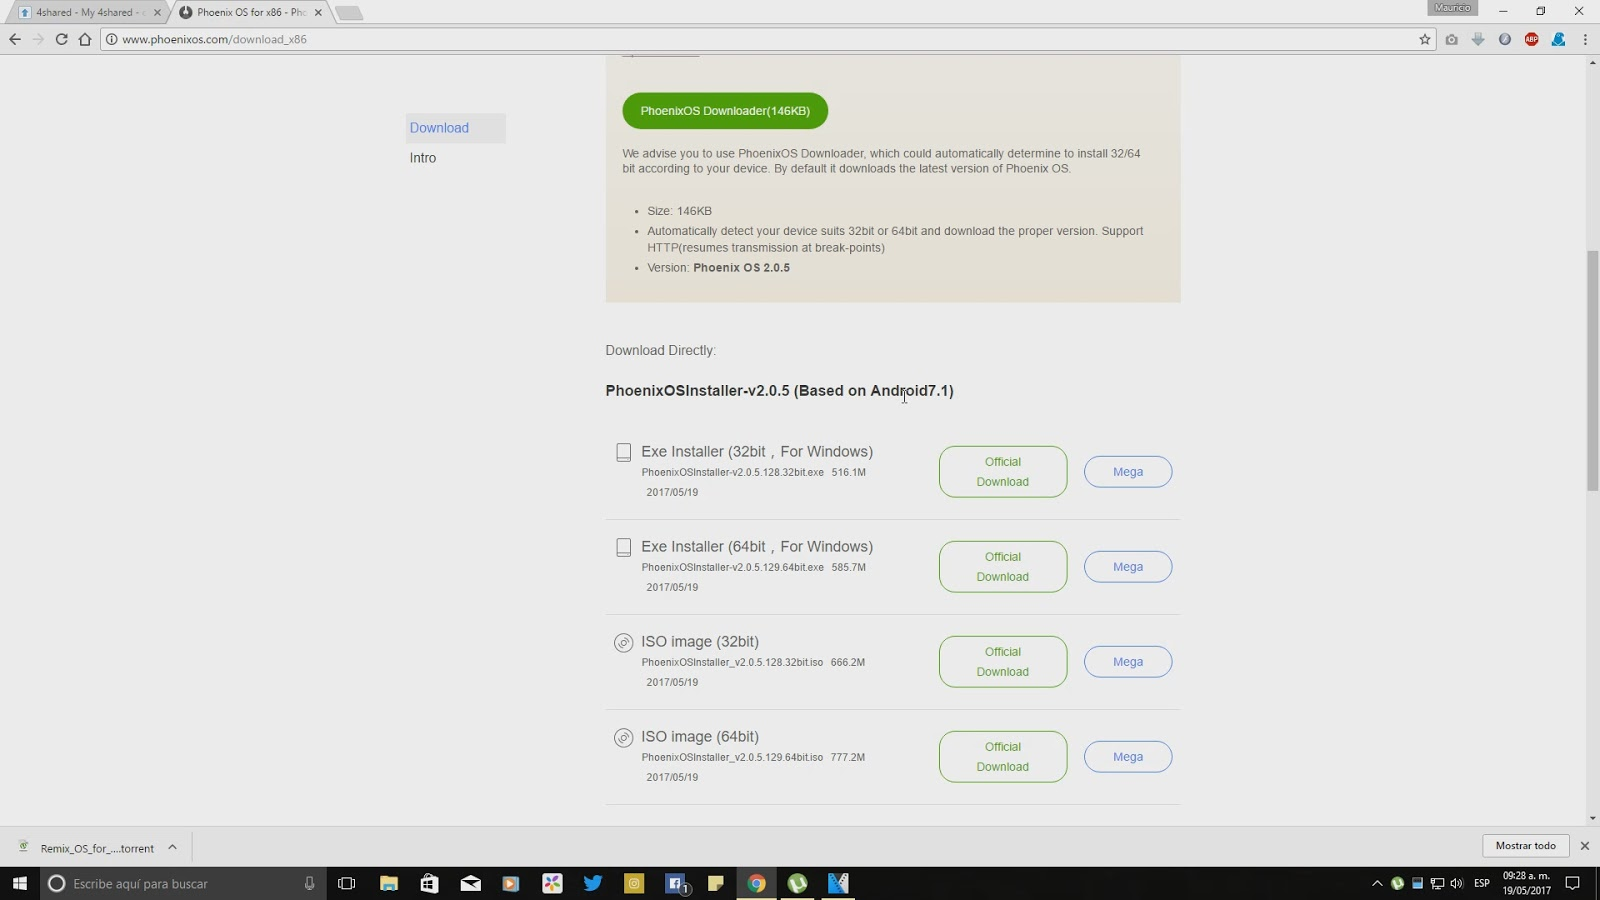 Instalar/Desinstalar Phoenix OS 3 en Disco Duro